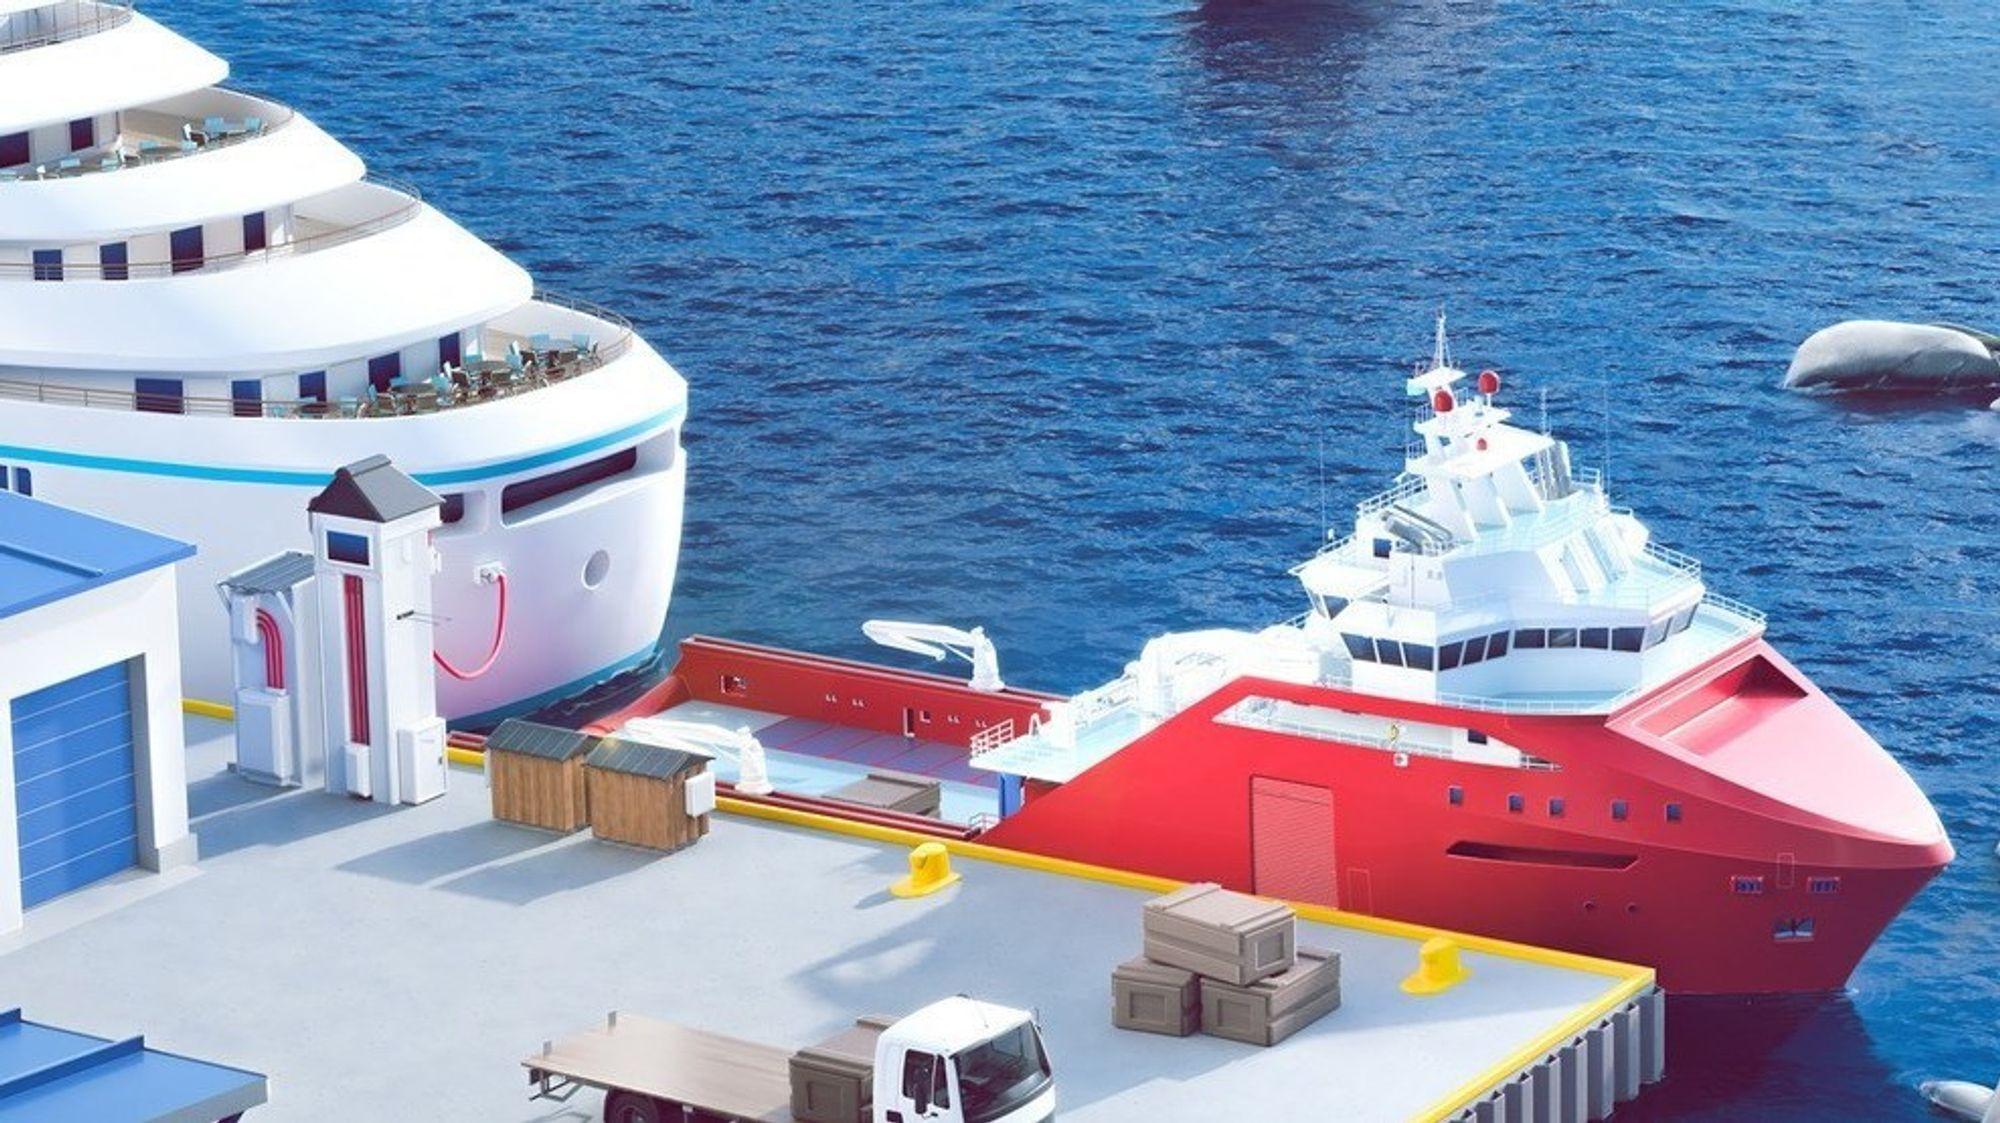 Utslippsfri maritim transport er et av temaene i årets Pilot E-utlysning.